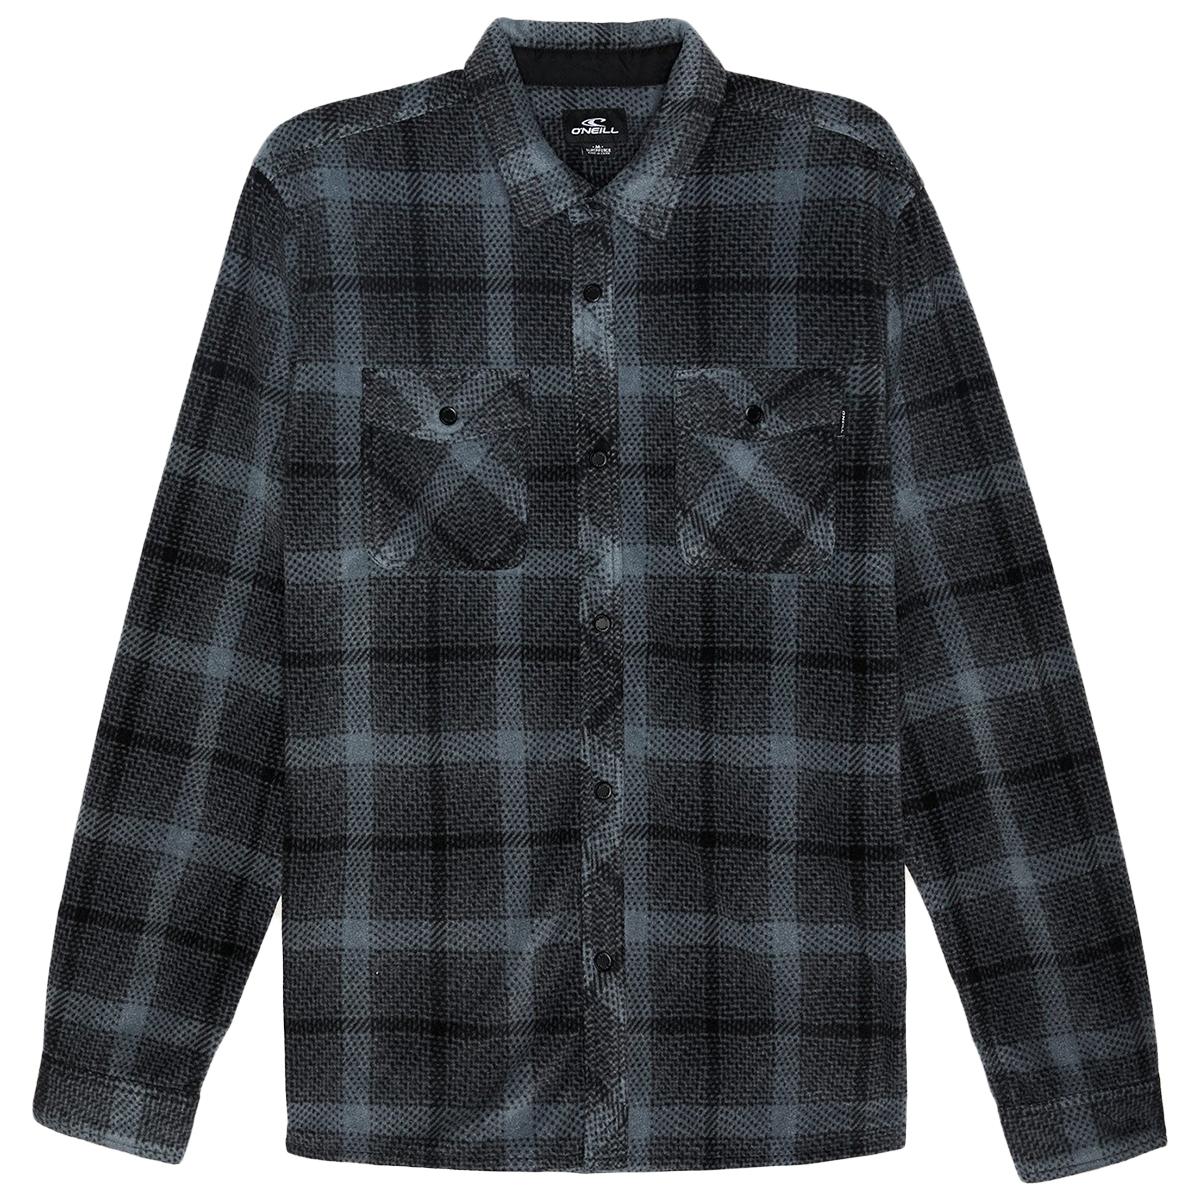 O'neill Men's Glacier Peak Long-Sleeve Flannel Shirt - Blue, S